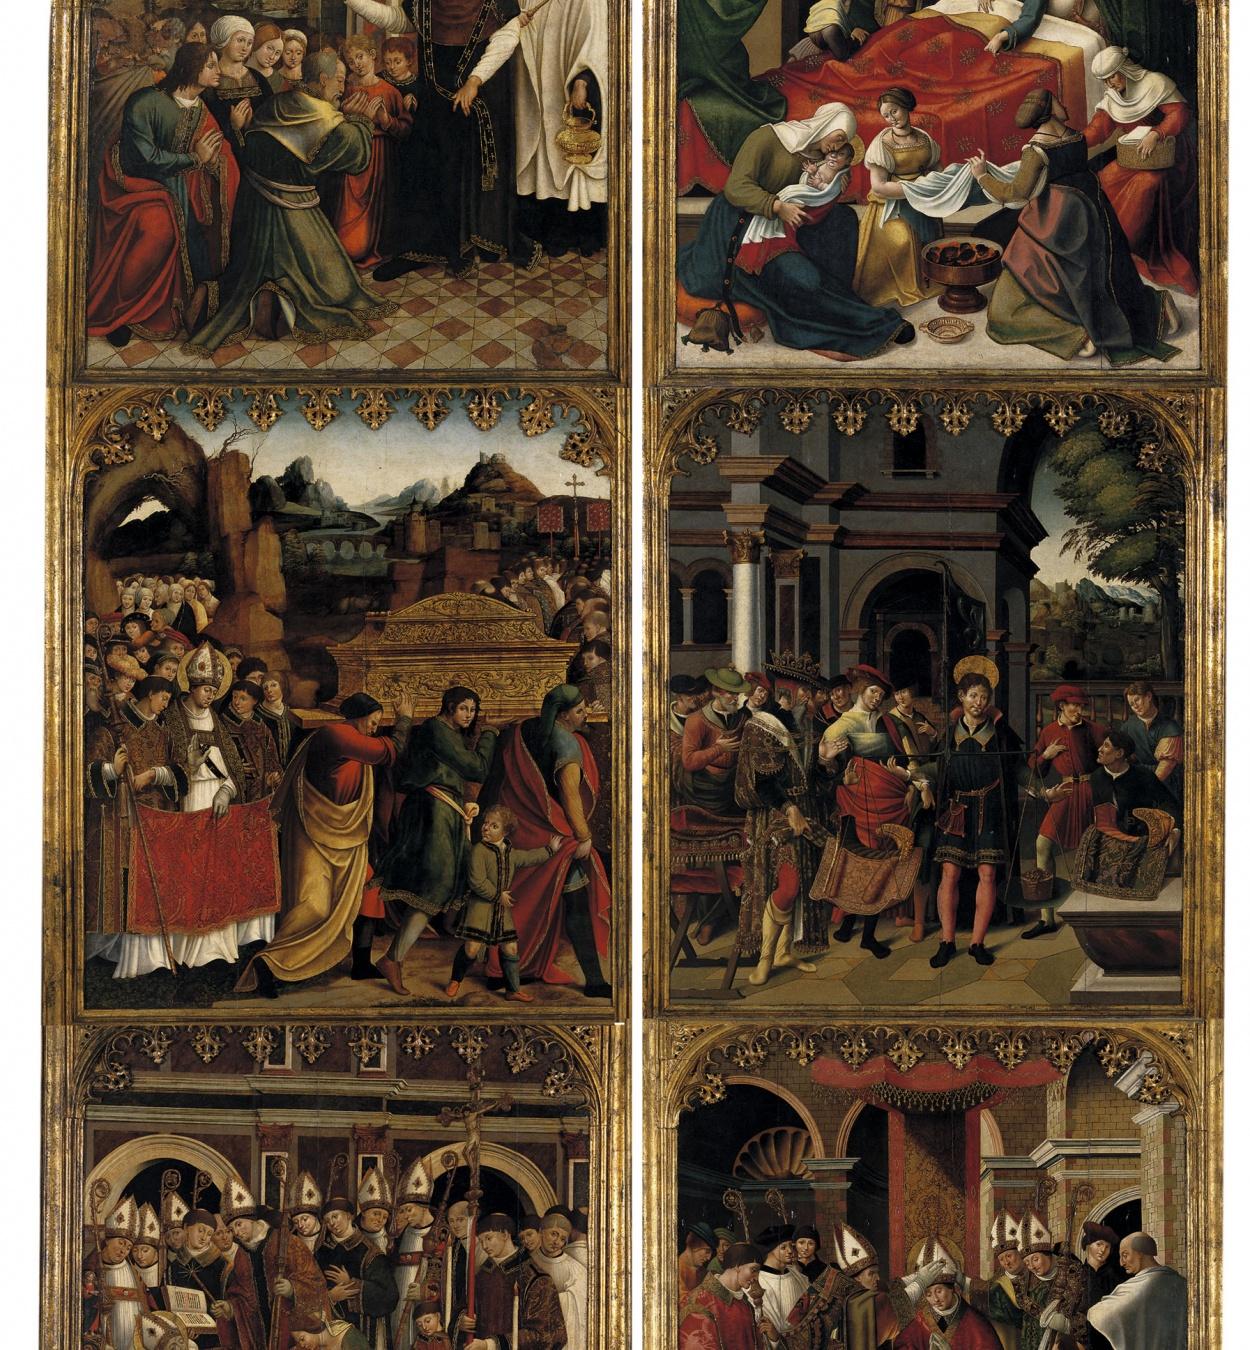 Pere Nunyes - Portes del retaule de sant Eloi - 1526-1529